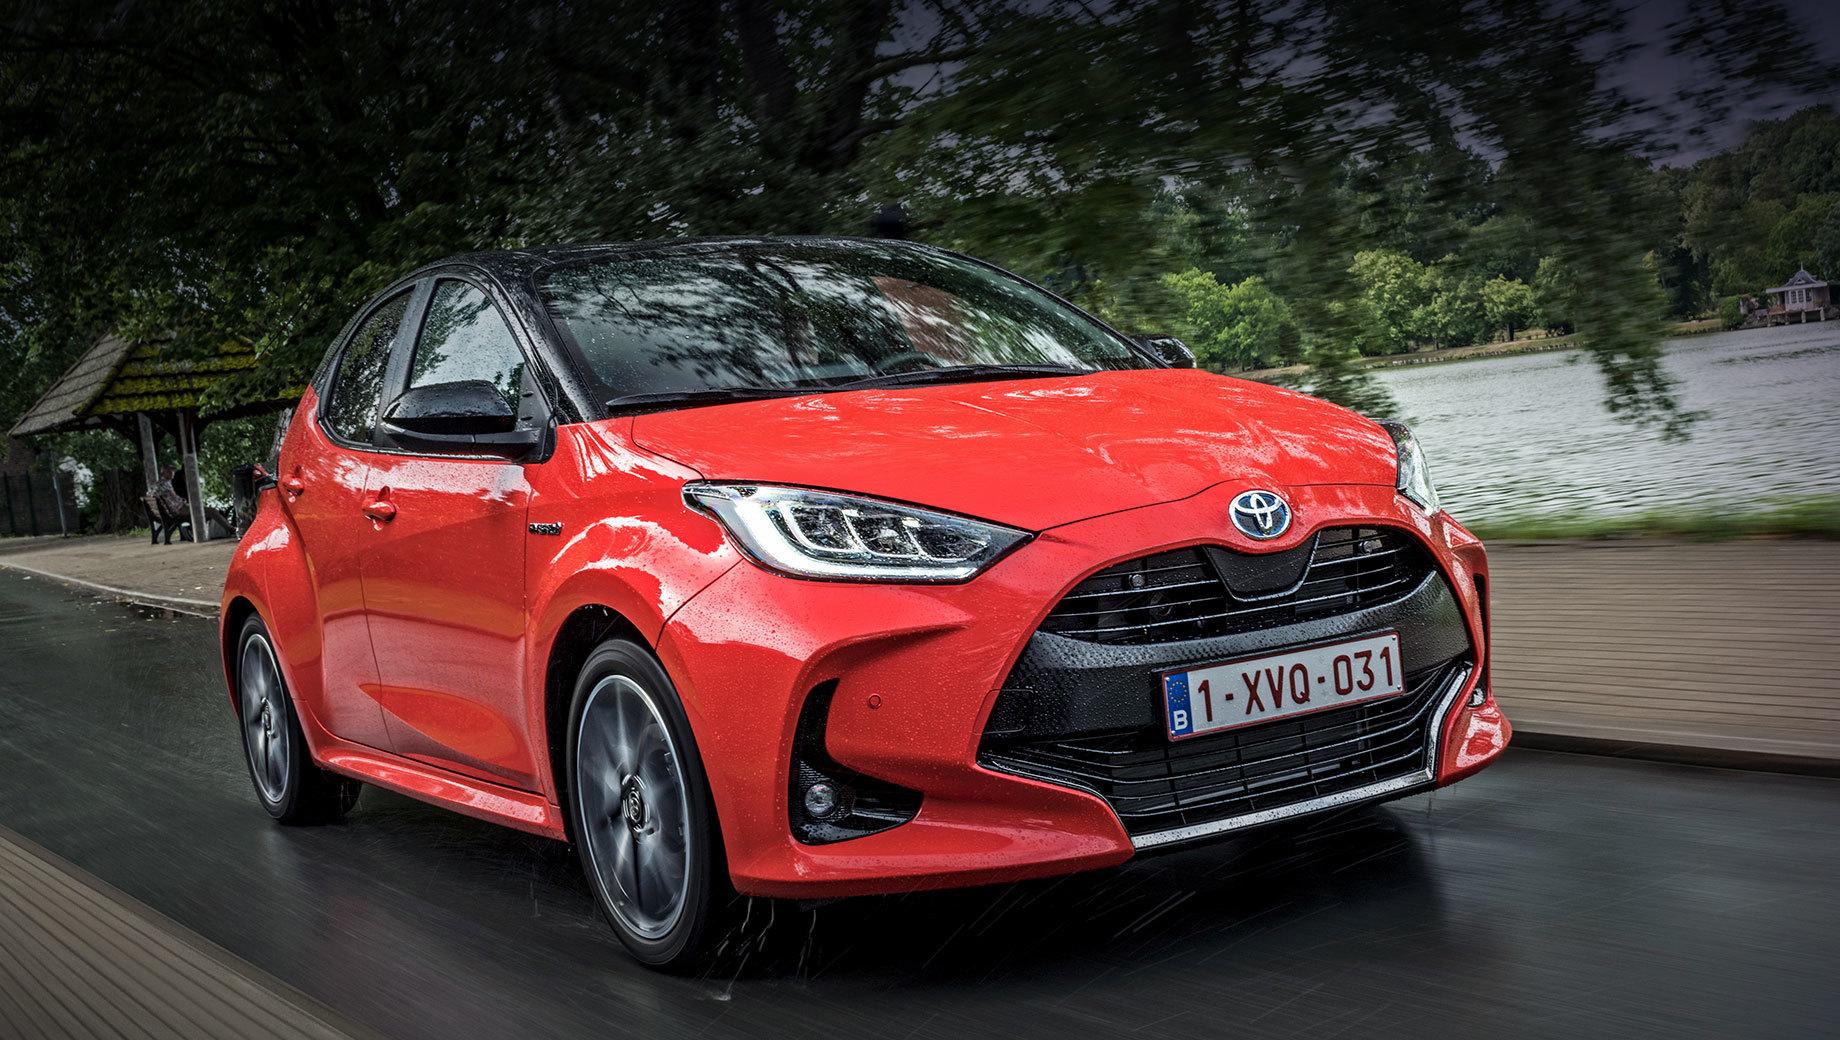 Mazda клонирует гибрид Toyota Yaris для Европы